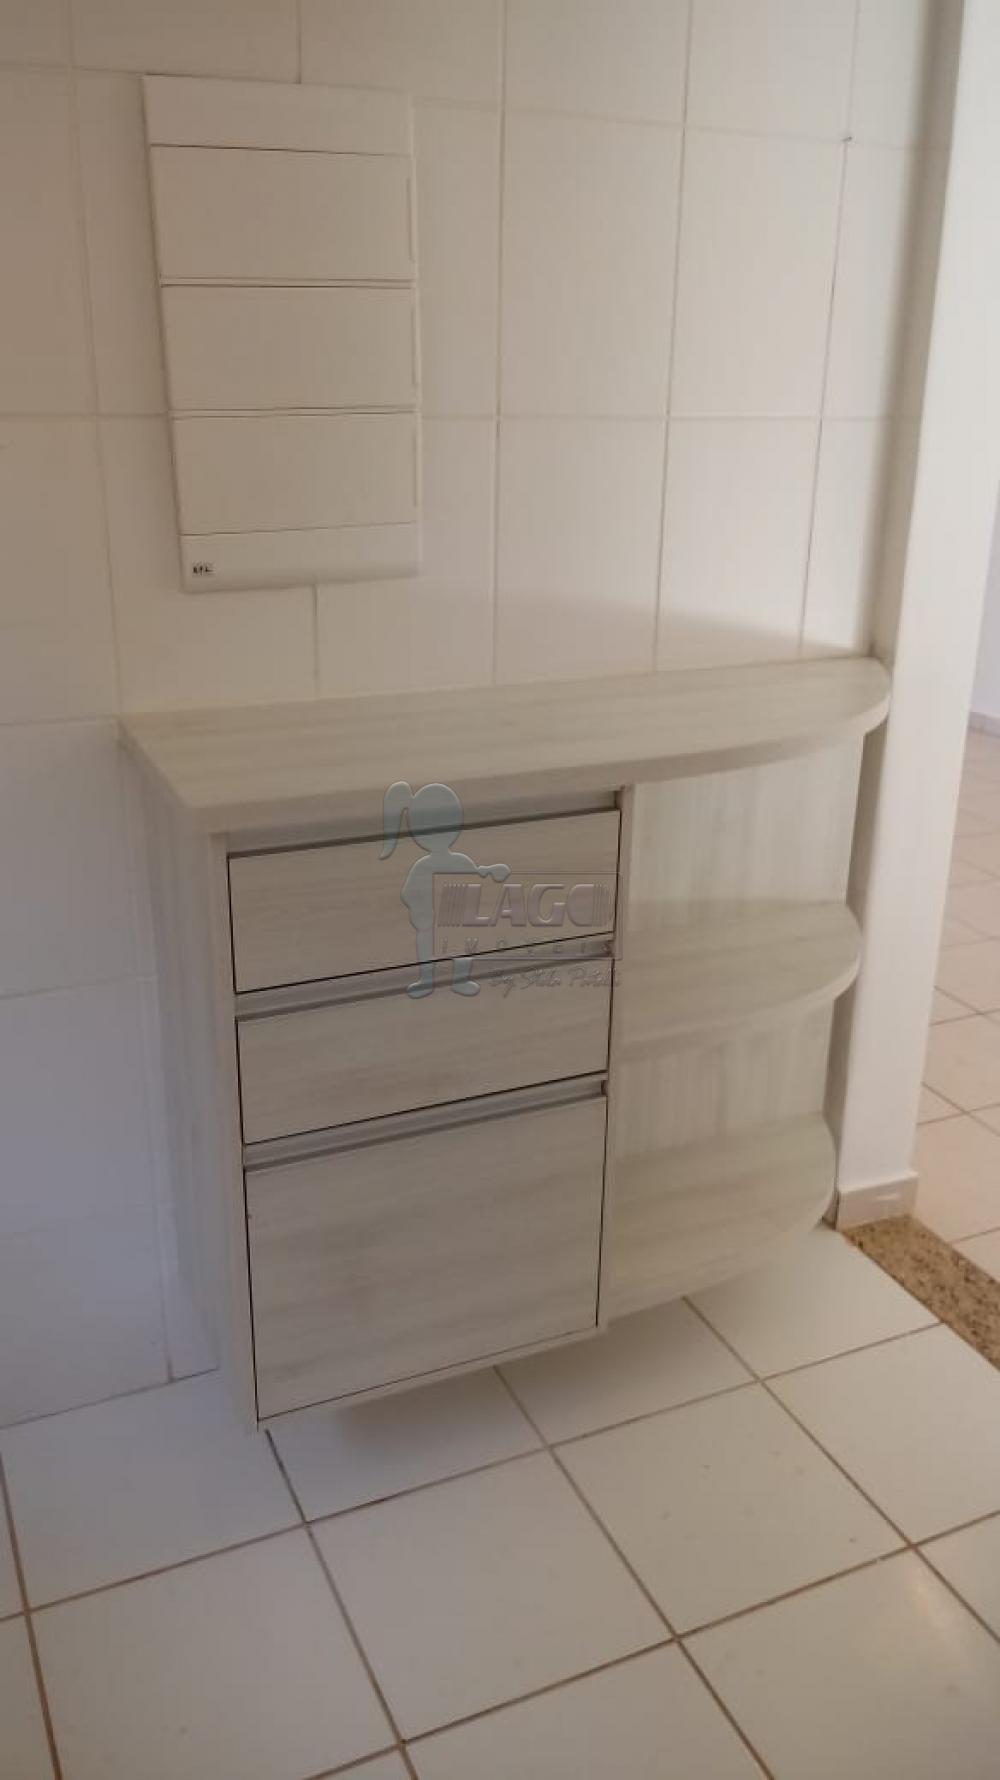 Alugar Casas / Condomínio em Ribeirão Preto apenas R$ 1.800,00 - Foto 5